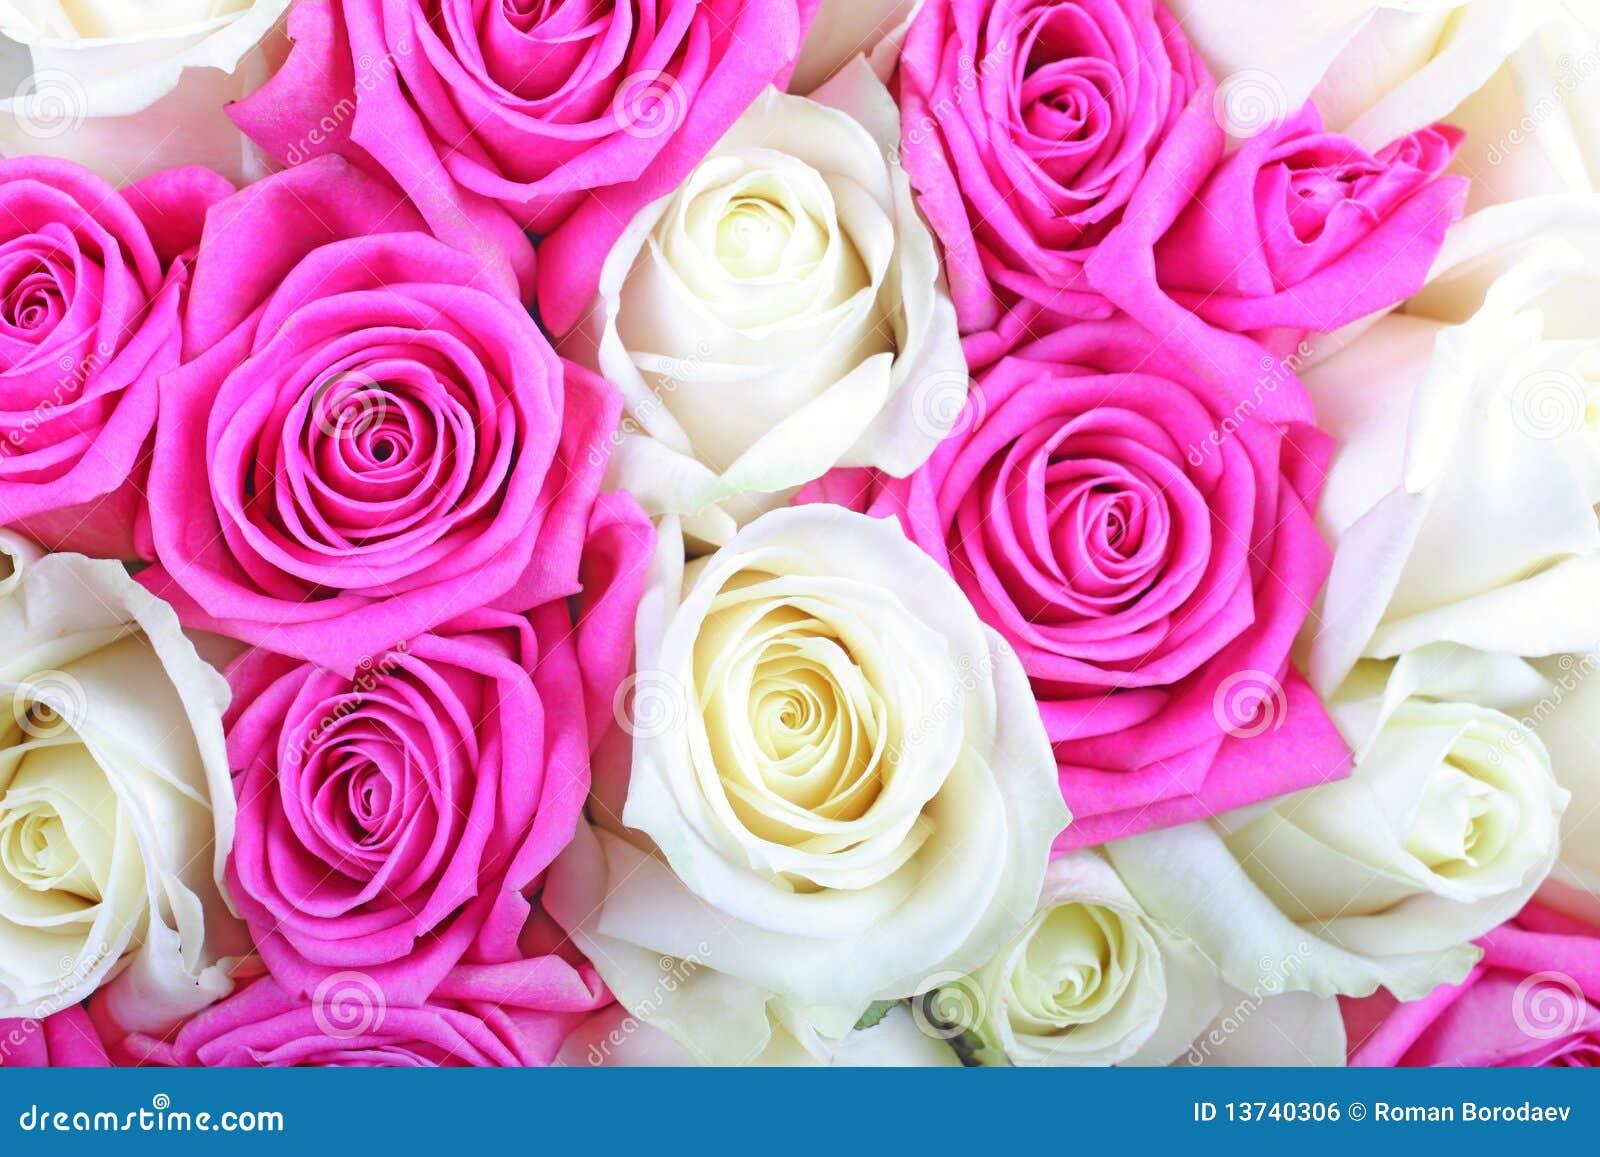 Rosas cor-de-rosa e brancas.